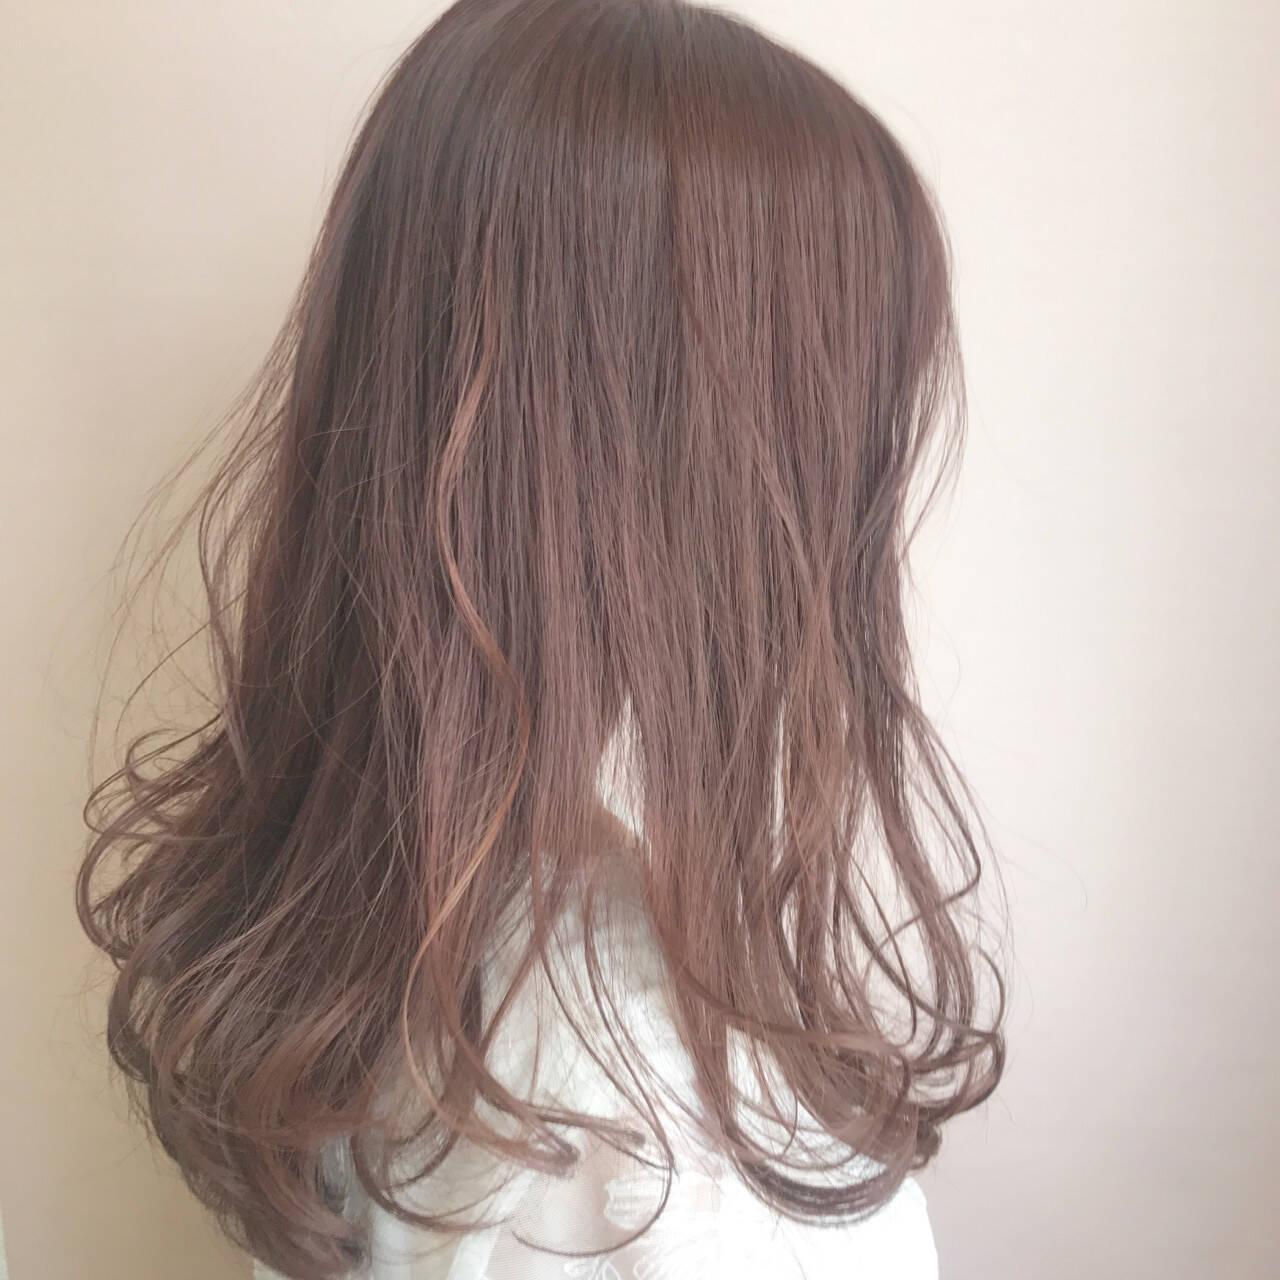 ラベンダー 透明感 ナチュラル ピンクヘアスタイルや髪型の写真・画像